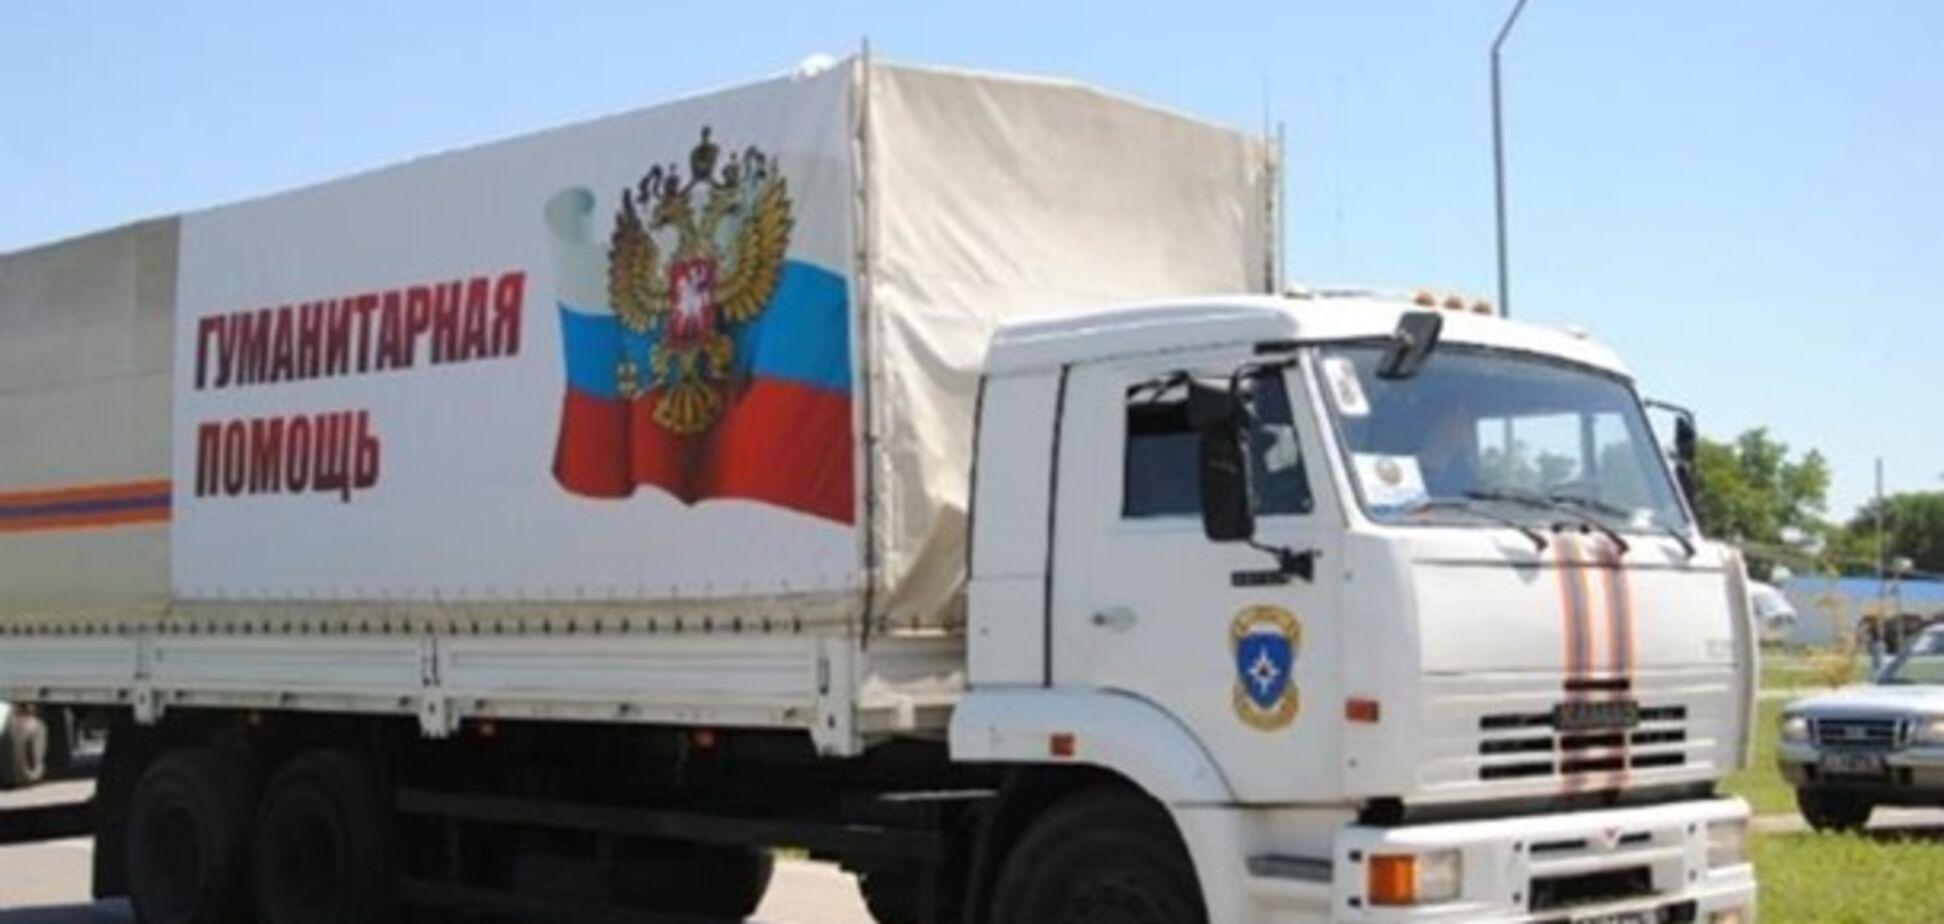 Нічого не змінюється: журналіст показав знакове фото про смертельні гумконвої на Донбас